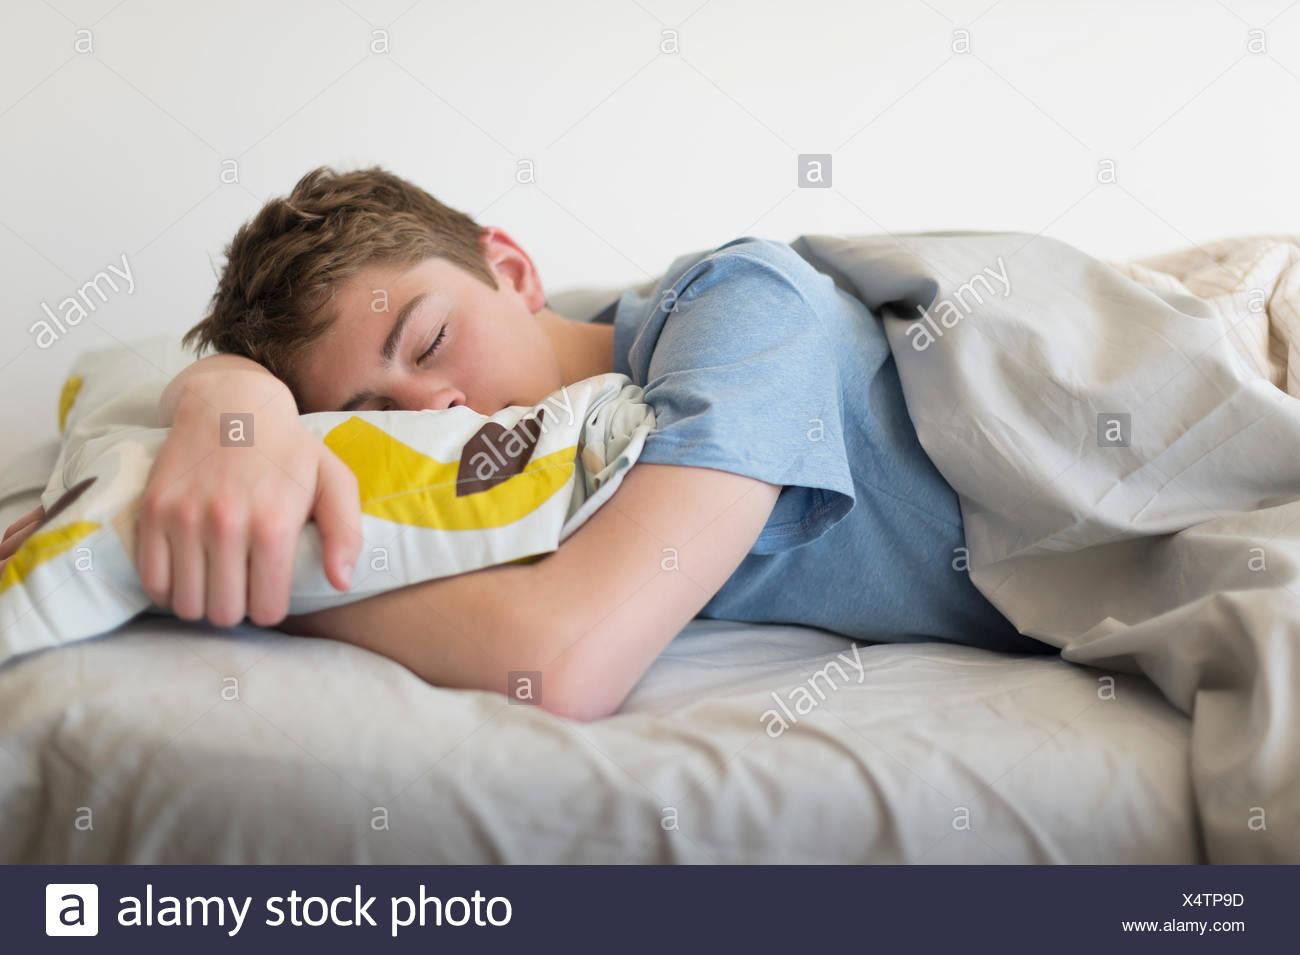 Amüsant Bett Teenager Dekoration Von (16-17) Schlafend Im